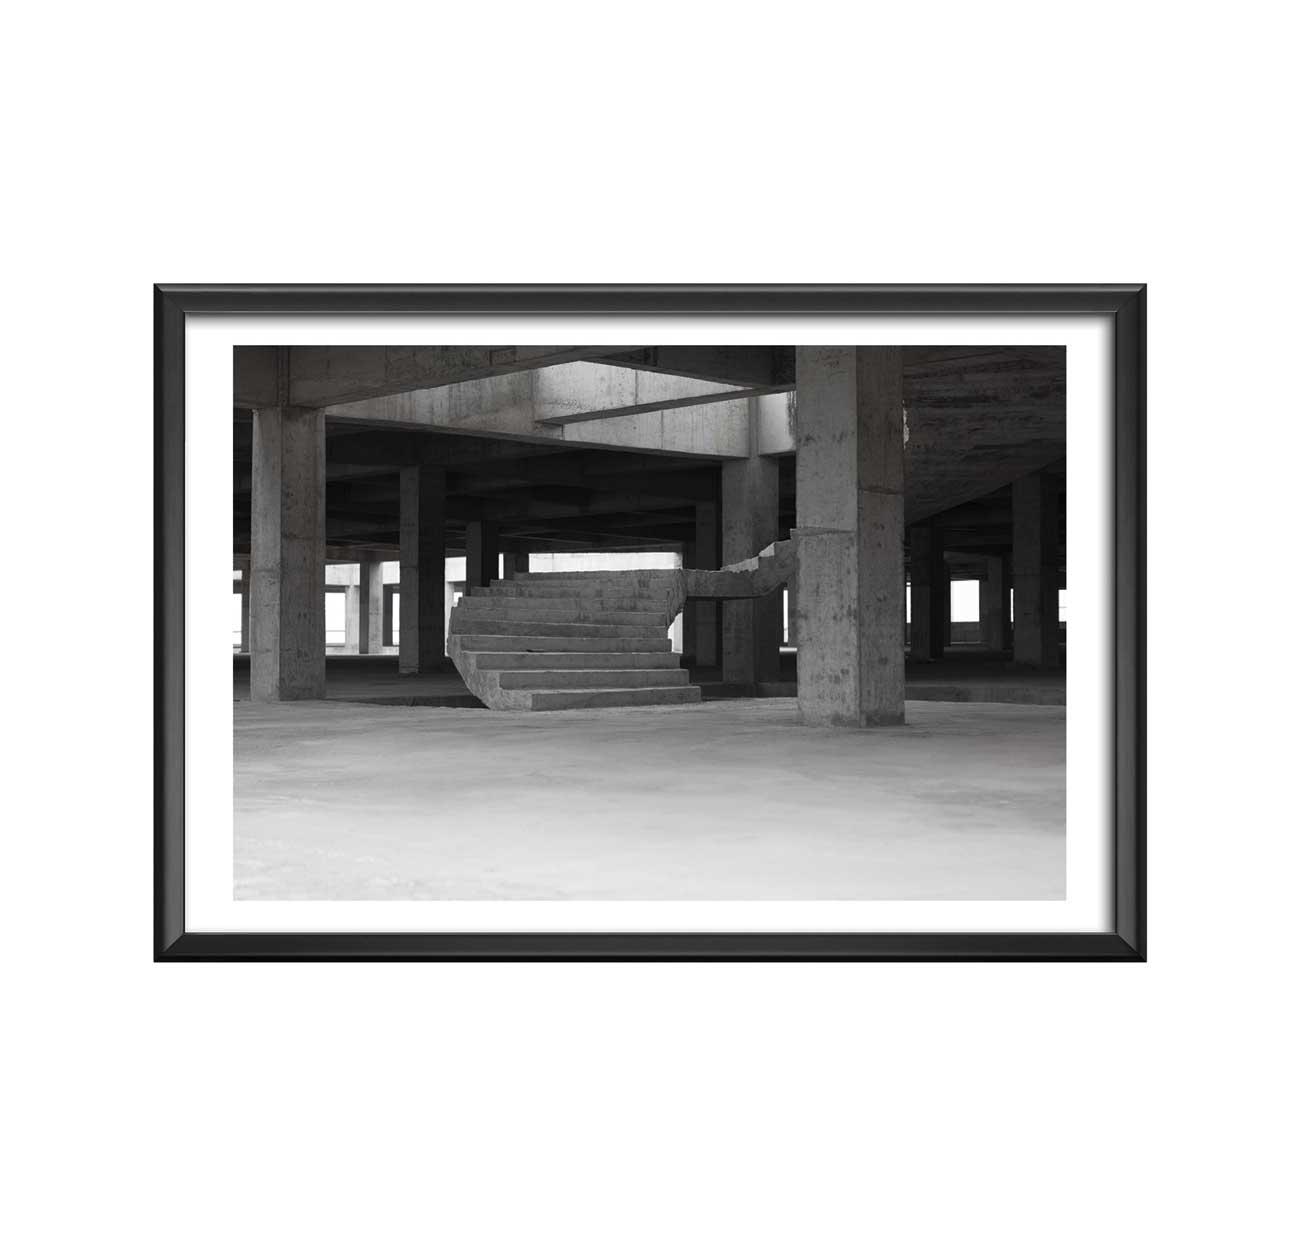 tirage limit xiamen 5 aur lie foussard photographie d 39 art contemporain pandorart. Black Bedroom Furniture Sets. Home Design Ideas